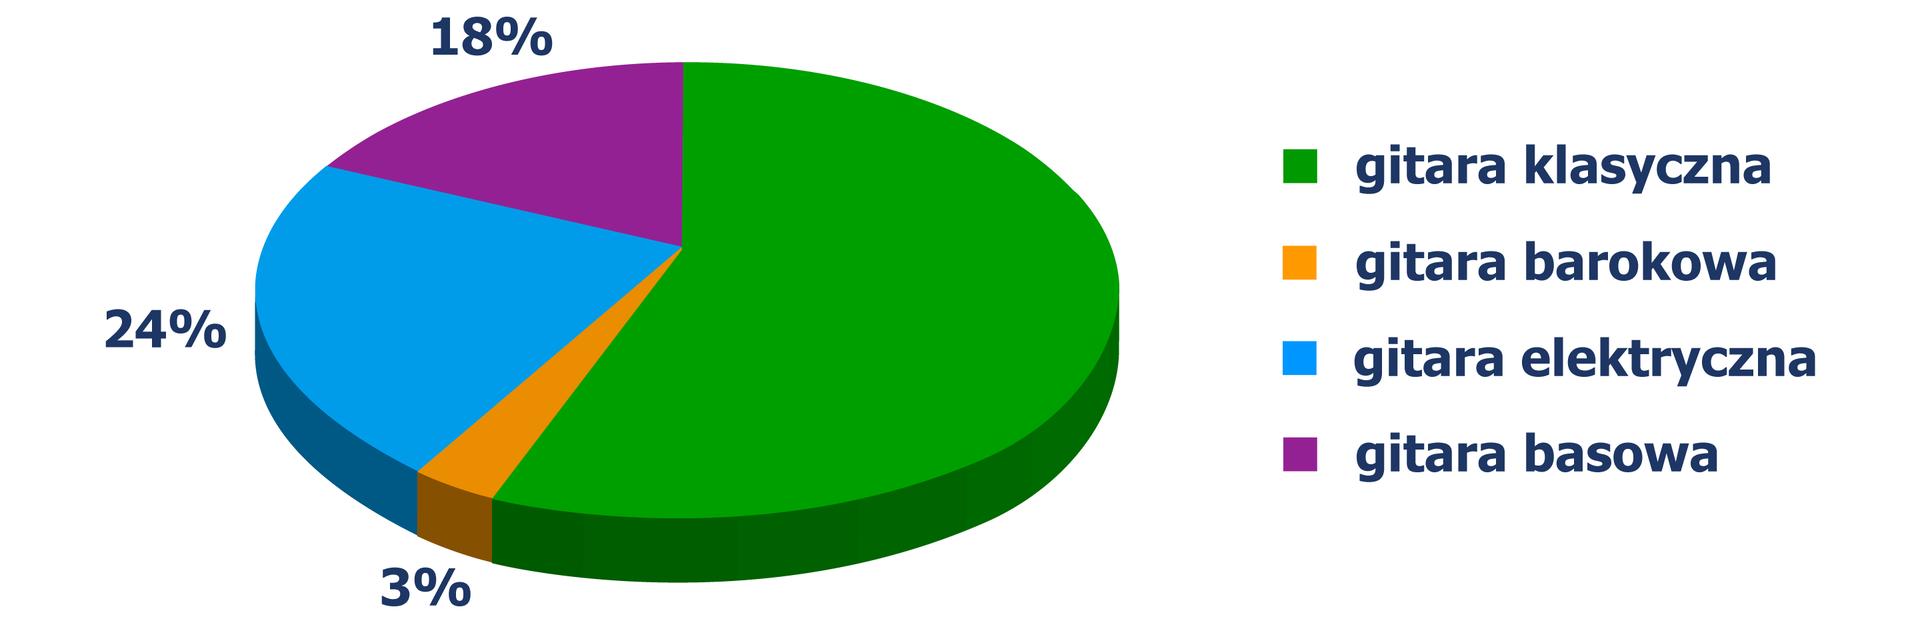 Diagram kołowy, zktórego odczytujemy, jakie gitary wybrali studenci: gitara barokowa - 3%, gitara elektryczna - 24%, gitara basowa - 18%.